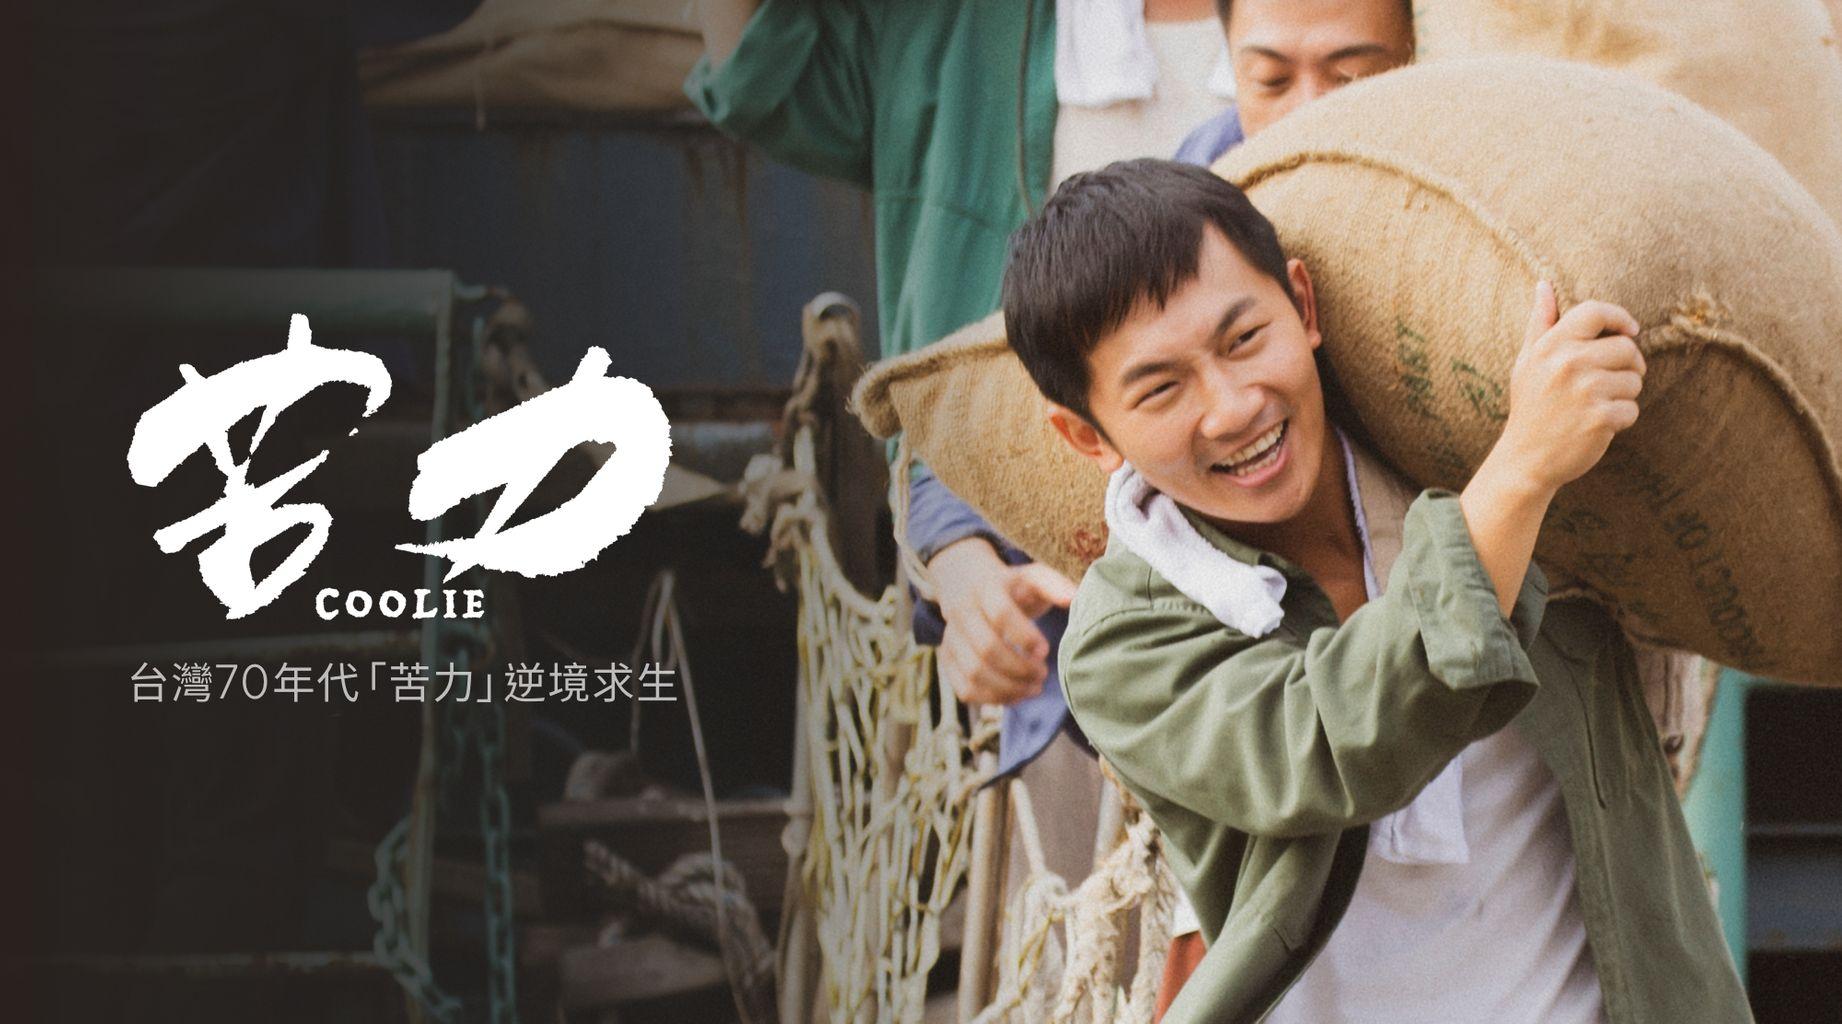 《苦力》2020 年度回顧專題之台灣影評人的年度愛劇片單(追劇咖)